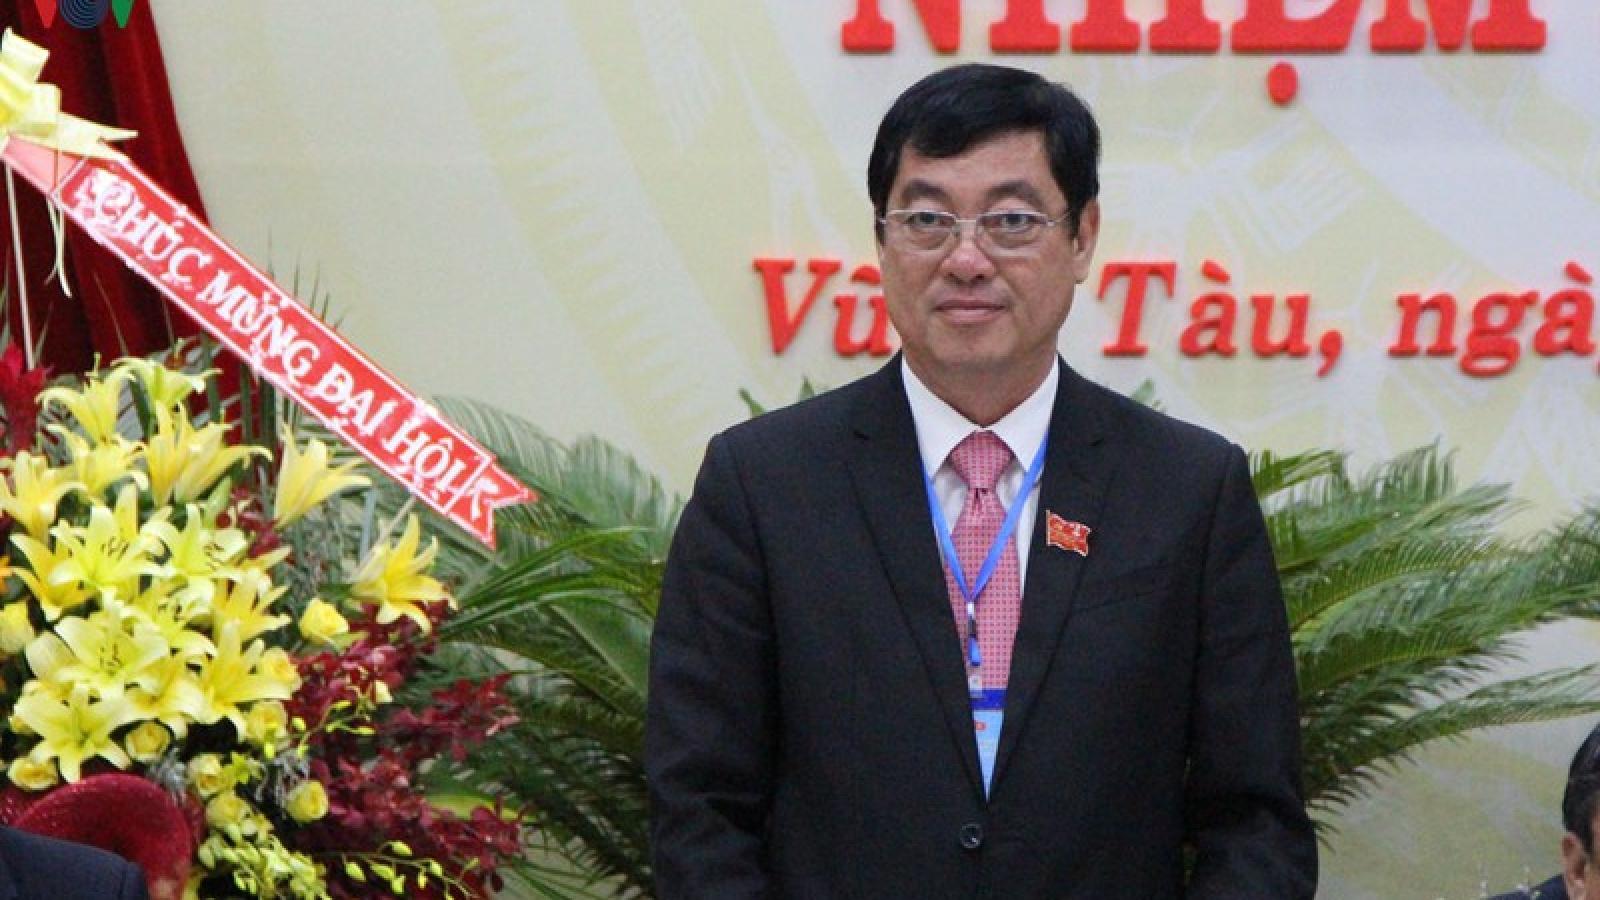 Ông Trần Đình Khoa được bầu làm Bí thư Thành ủy Vũng Tàu